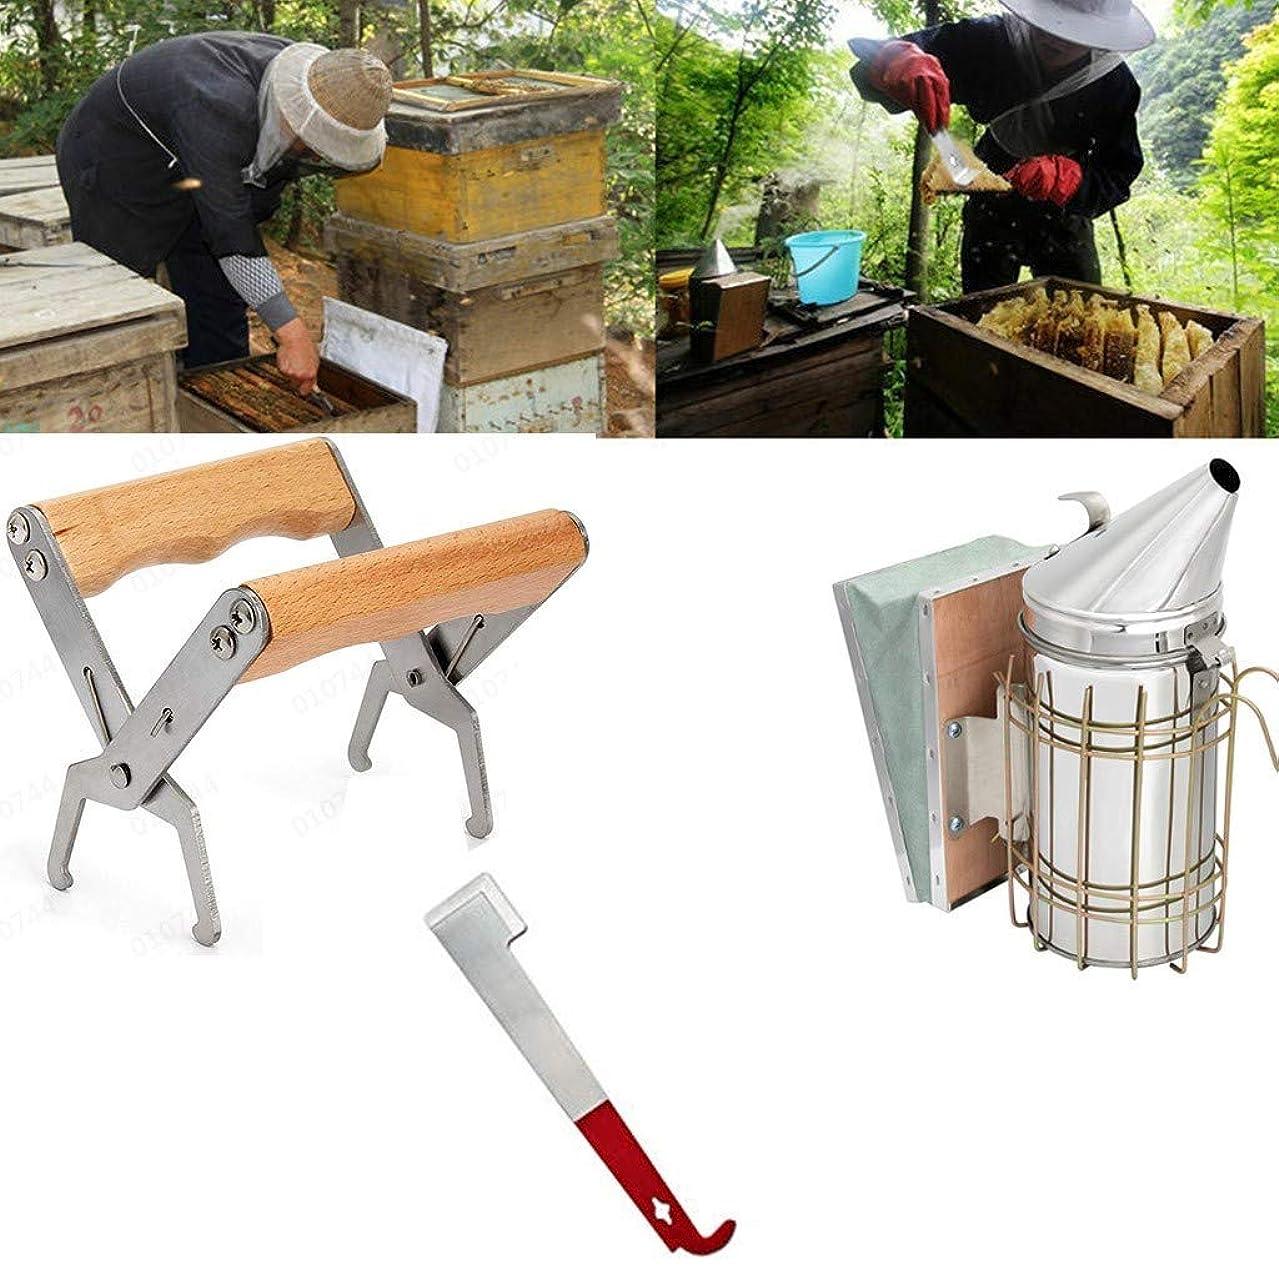 牧師想定するイサカUamaze 3の養蜂ツールセット、蜂のメンテナンスコストを削減蜂の餌やり管理を簡素化科学的かつ効率的な健康養蜂